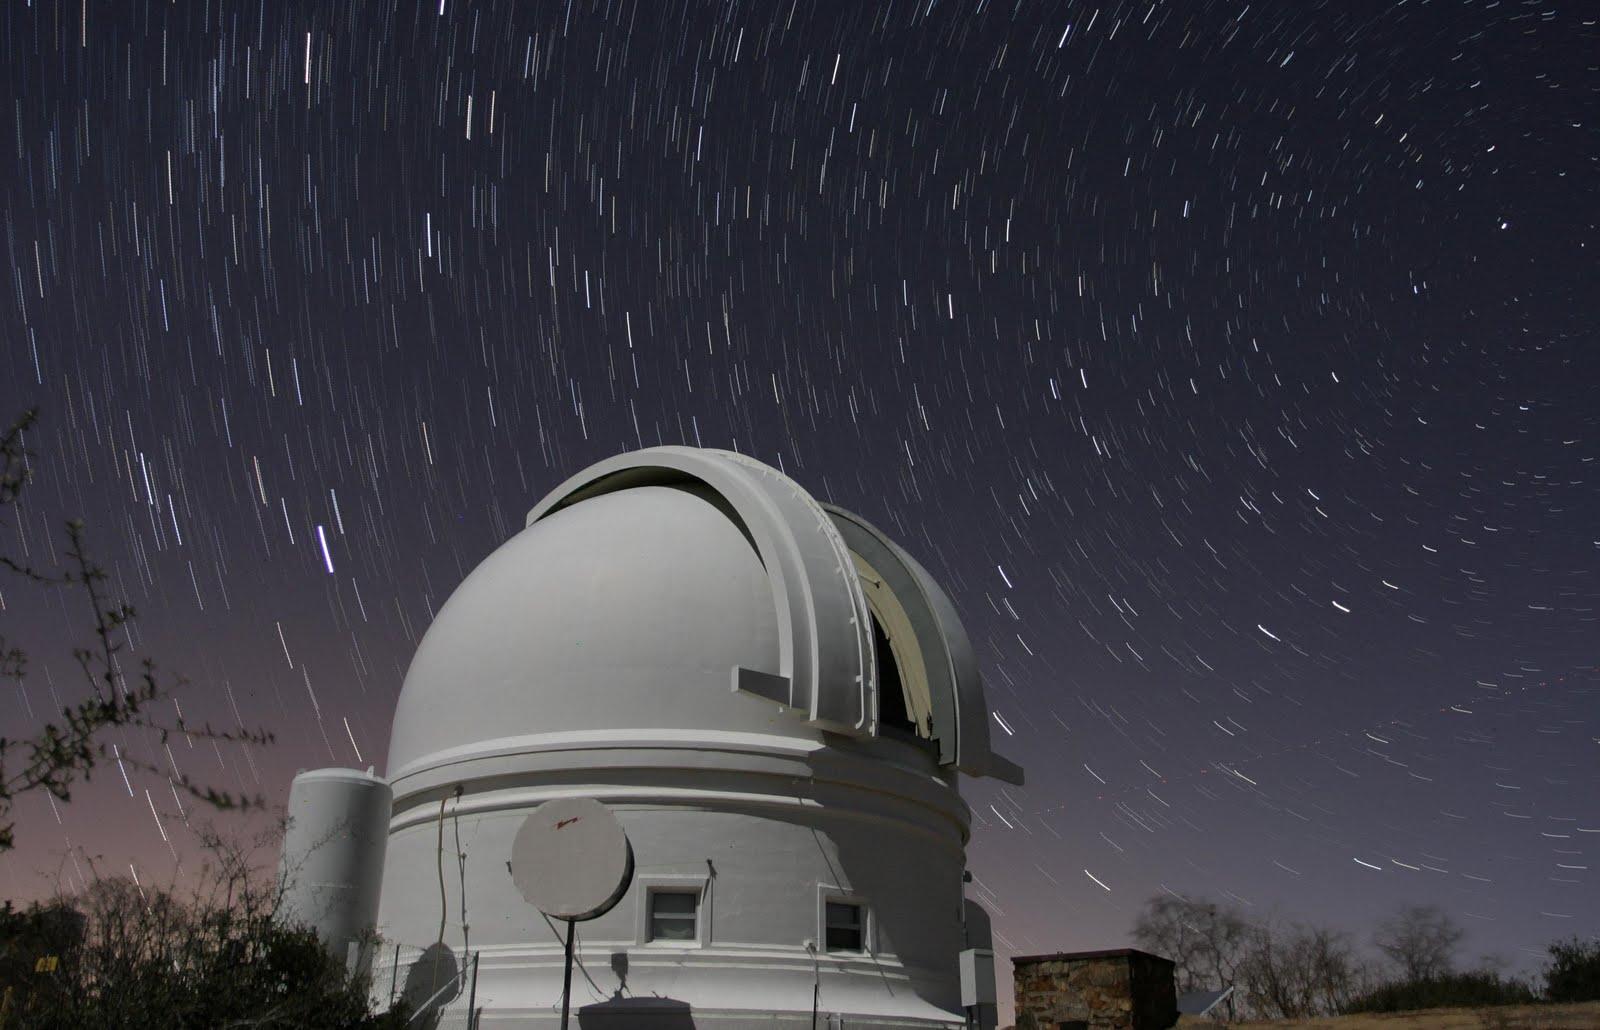 интересни астрономични явления